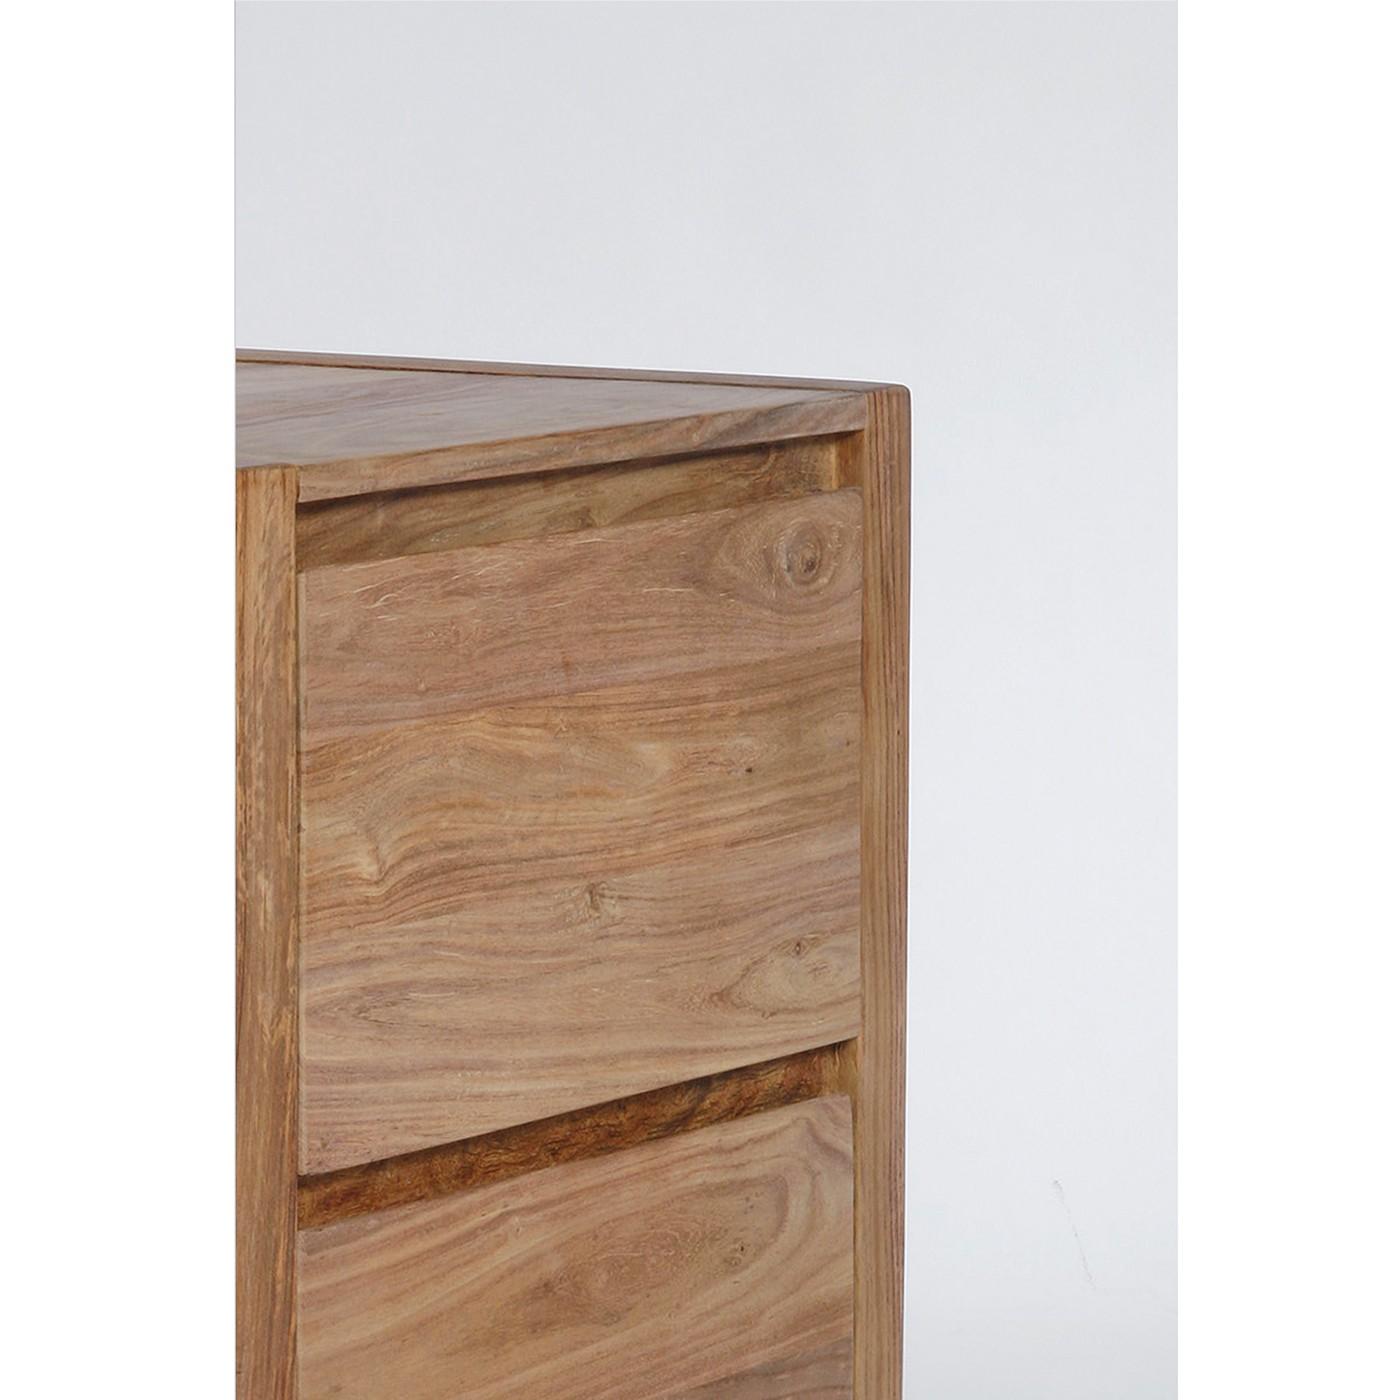 Caisson bois Nature Kare Design